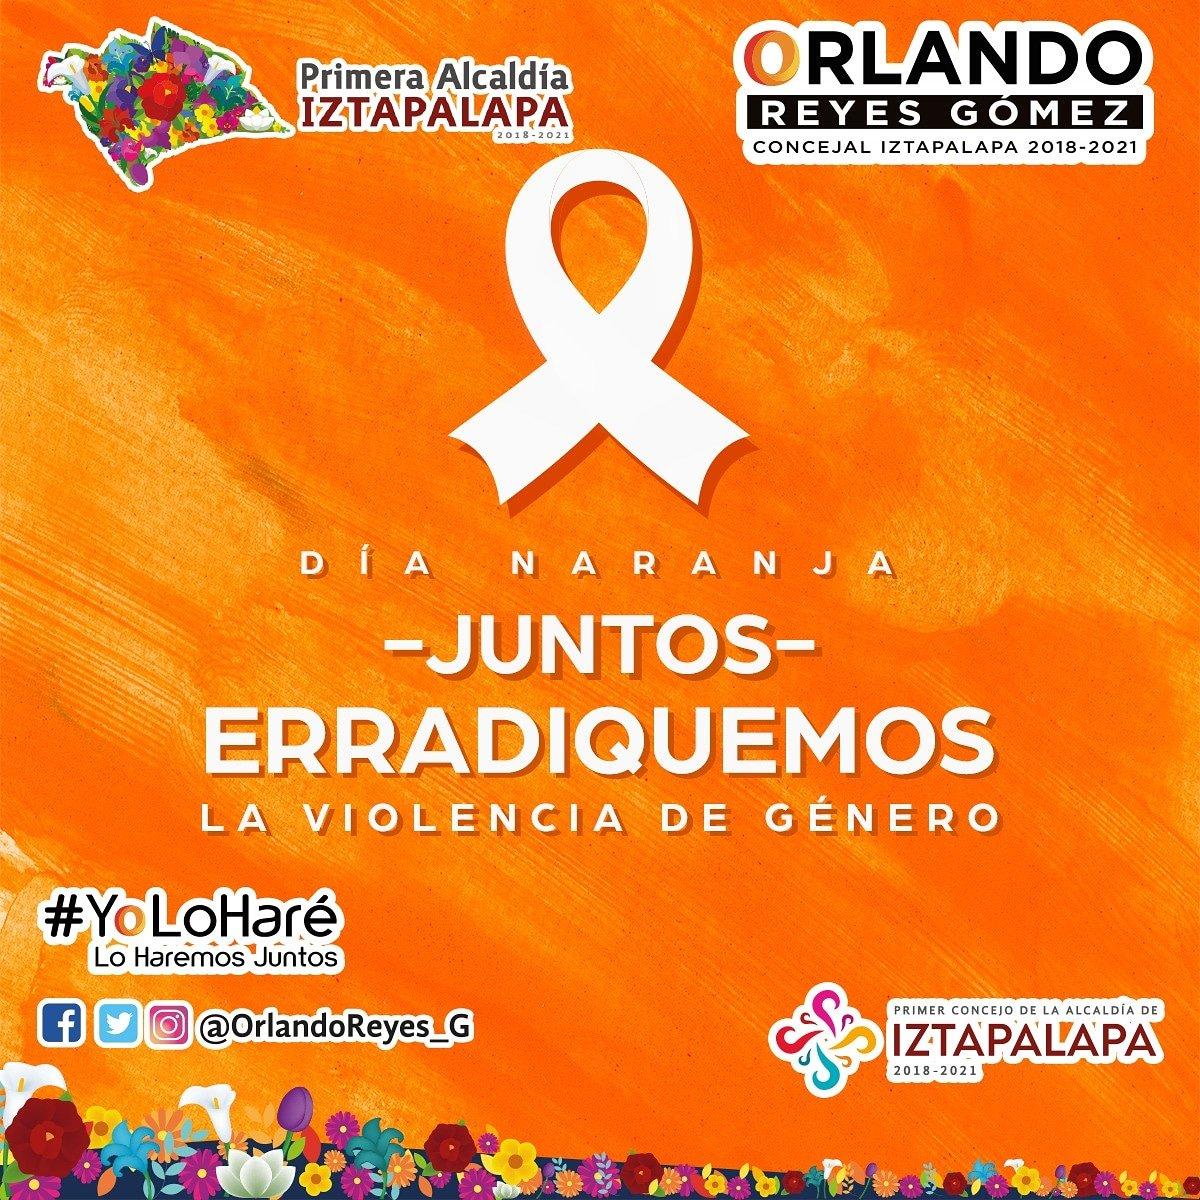 #Únete para que juntos erradiquemos la violencia de género en cualquiera de sus representaciones. #YoLoHaré ¡Lo Haremos Juntos!❤️🇲🇽☝🏼  #PintaElMundoDeNaranja  #DíaNaranja